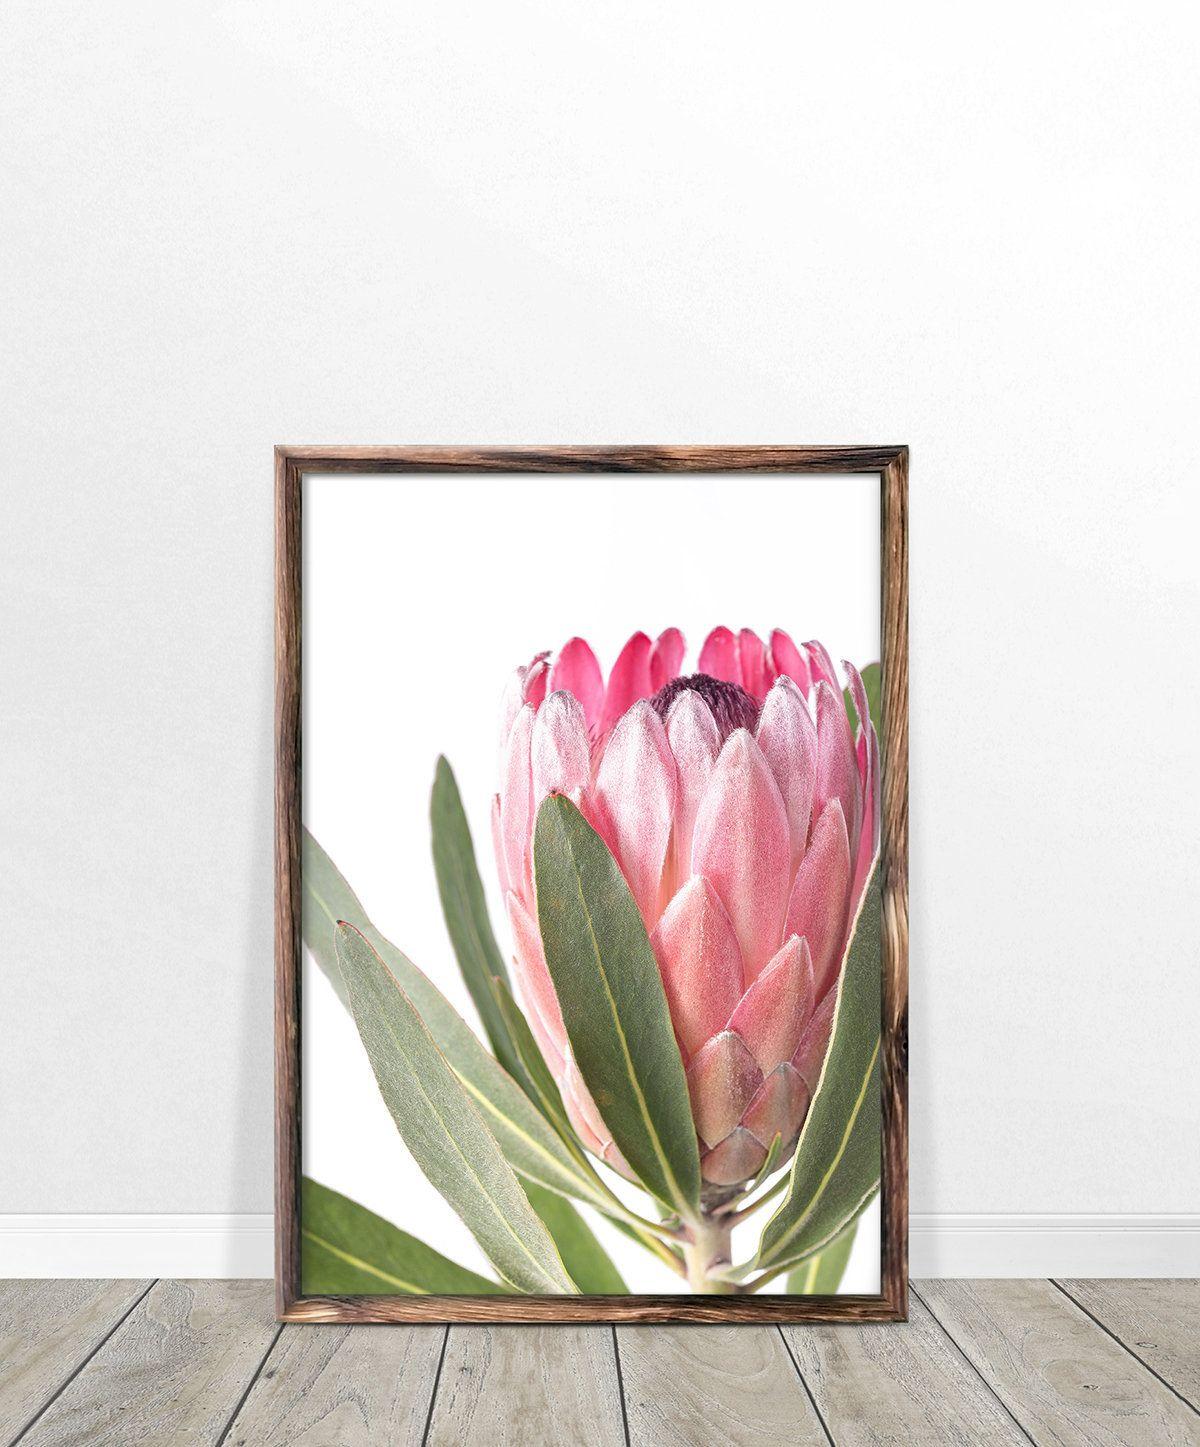 Protea Print Flower Wall Art Printable Poster Digital Etsy Flower Wall Art Printable Wall Art Flower Wall